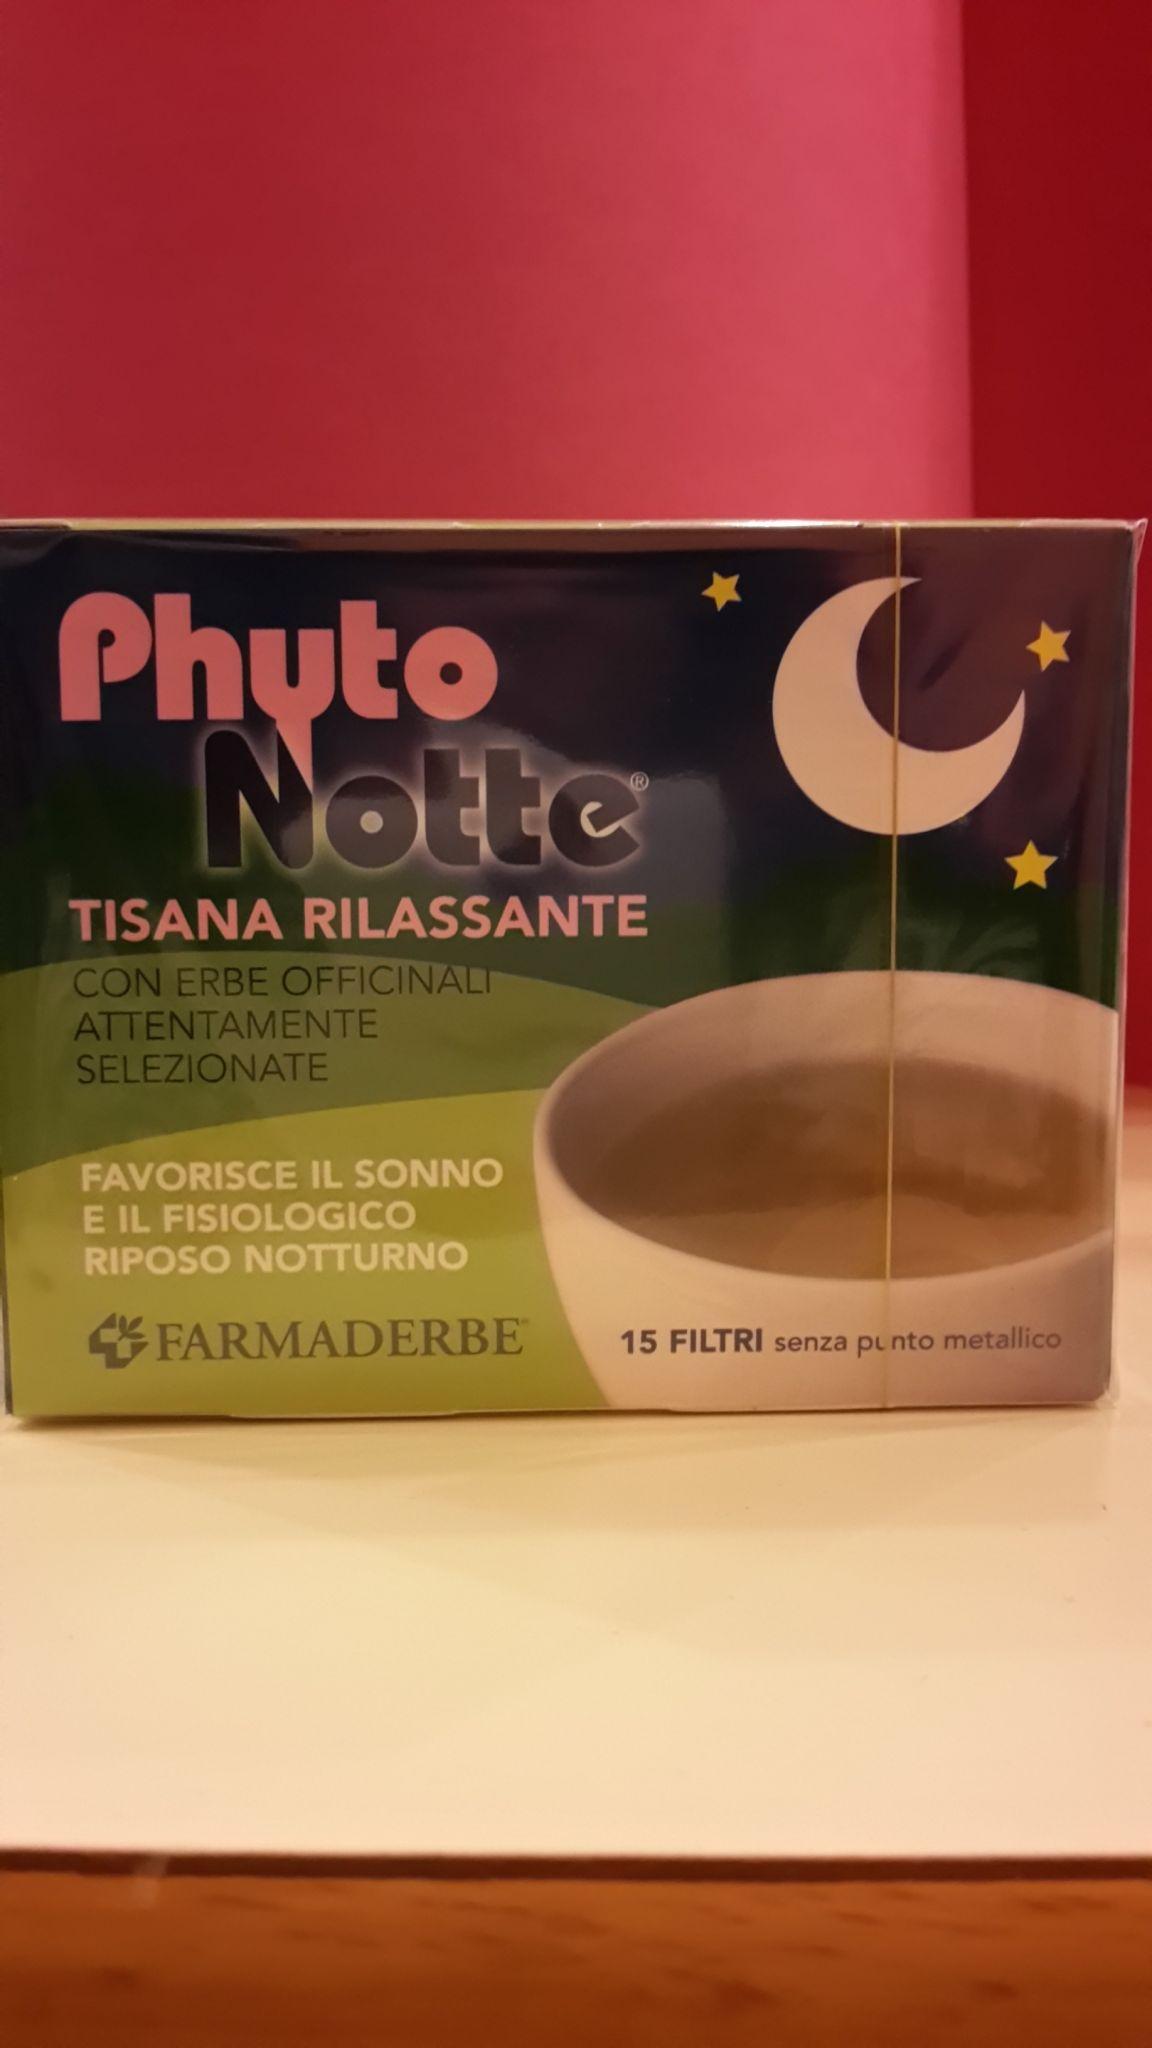 TISANA  Phito Notte Filtri Rilassante FARMADERBE